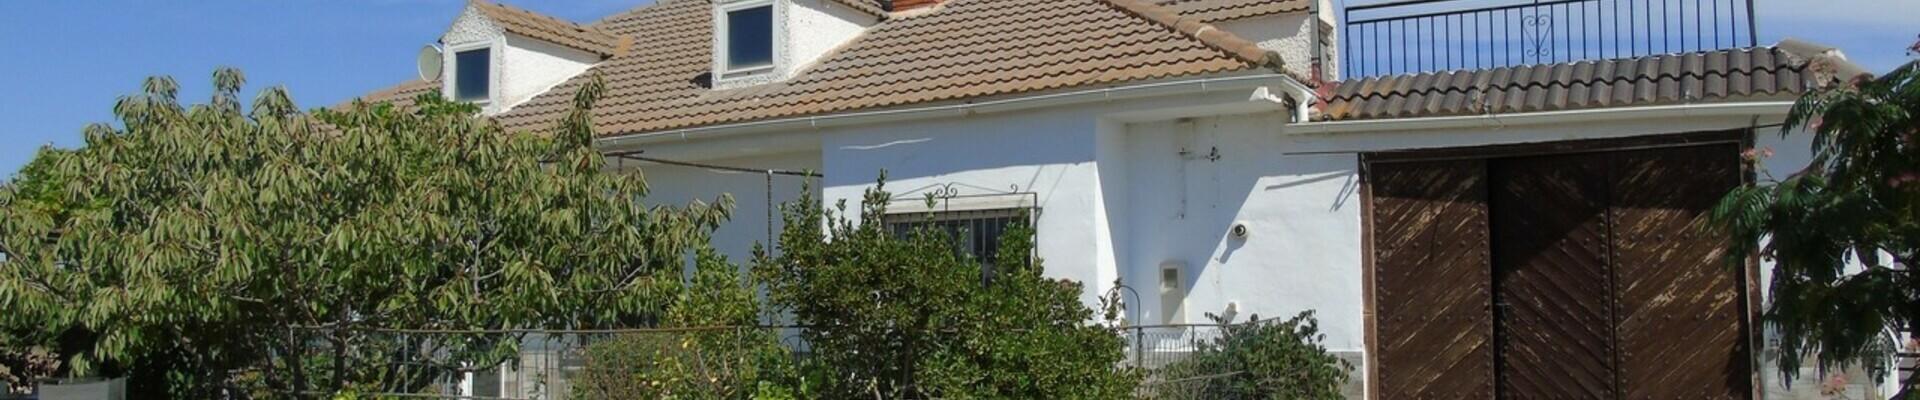 AF849: 3 Bedroom Villa for Sale